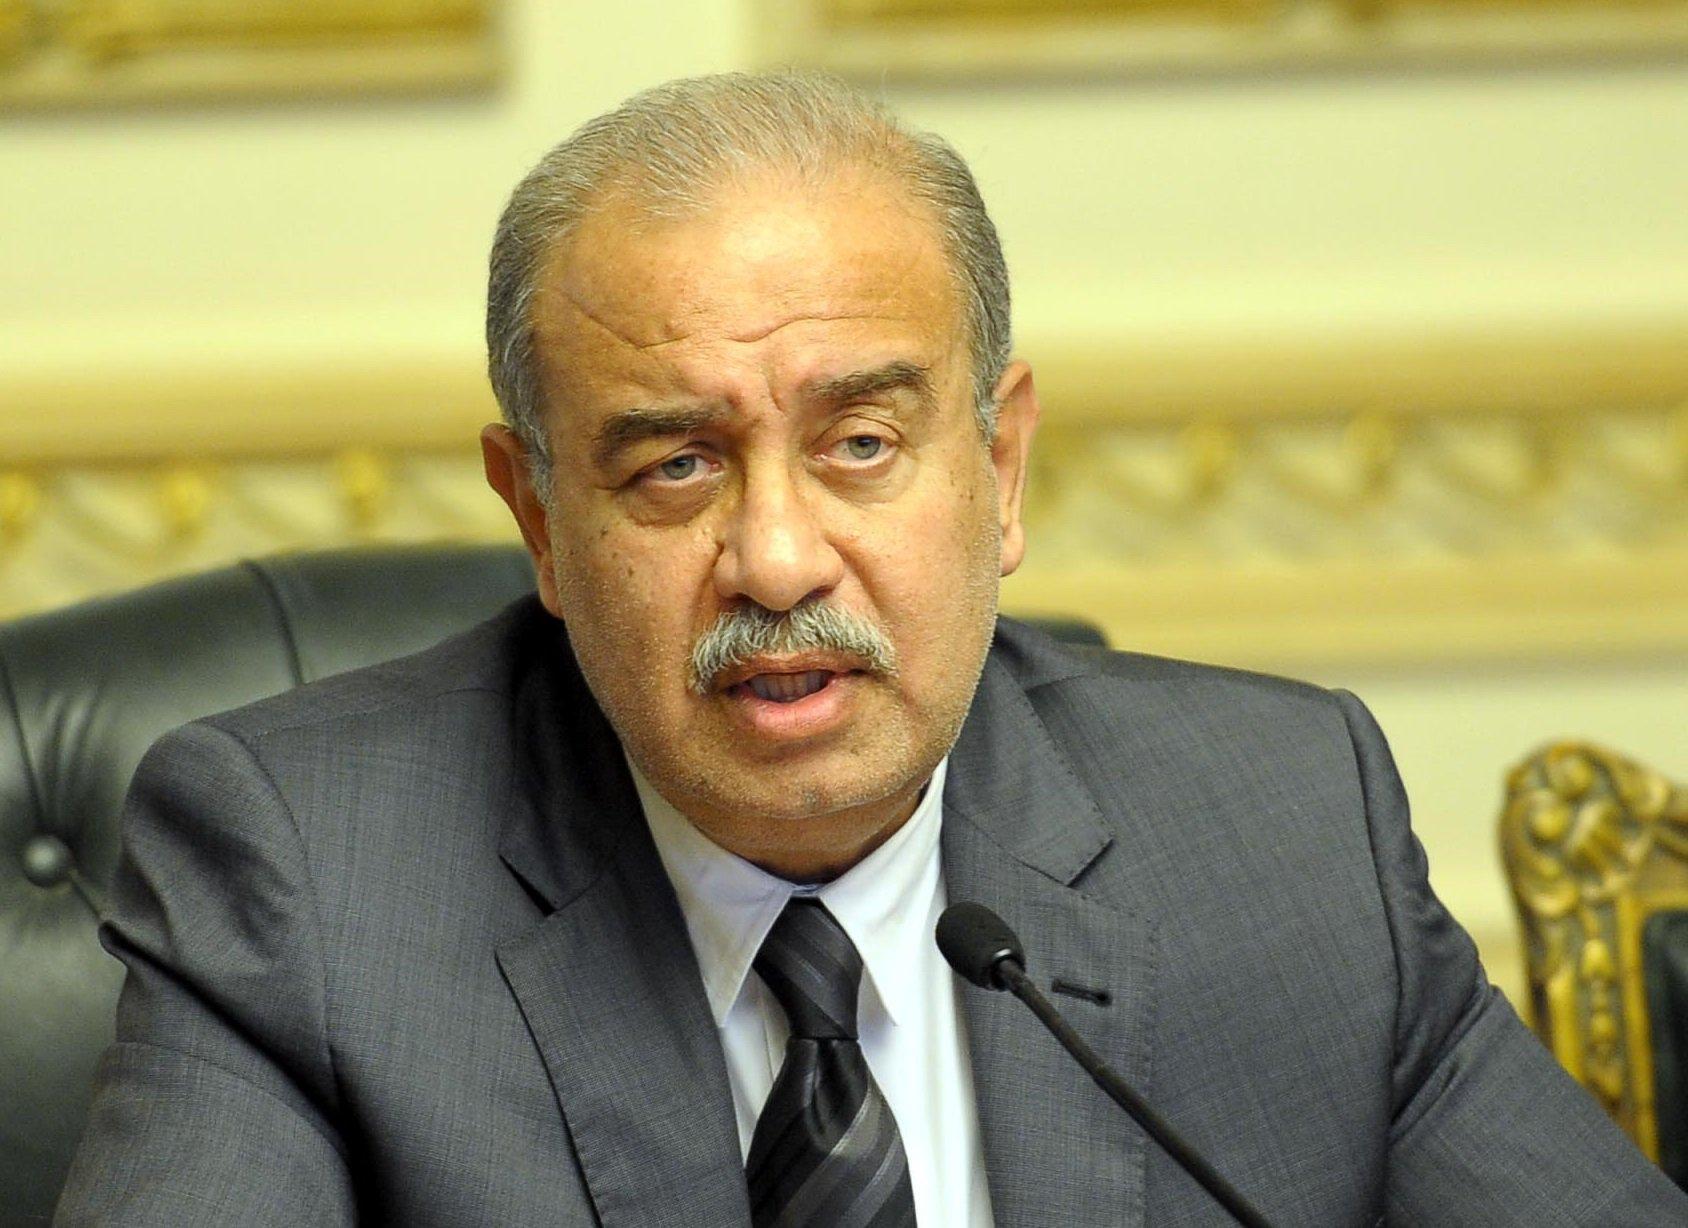 صورة مجلس الوزراء يعتذر للدكتور «إبراهيم سماحة» بعد ذكر إسمه بالخطأ في أزمة الطائرة المختطفة